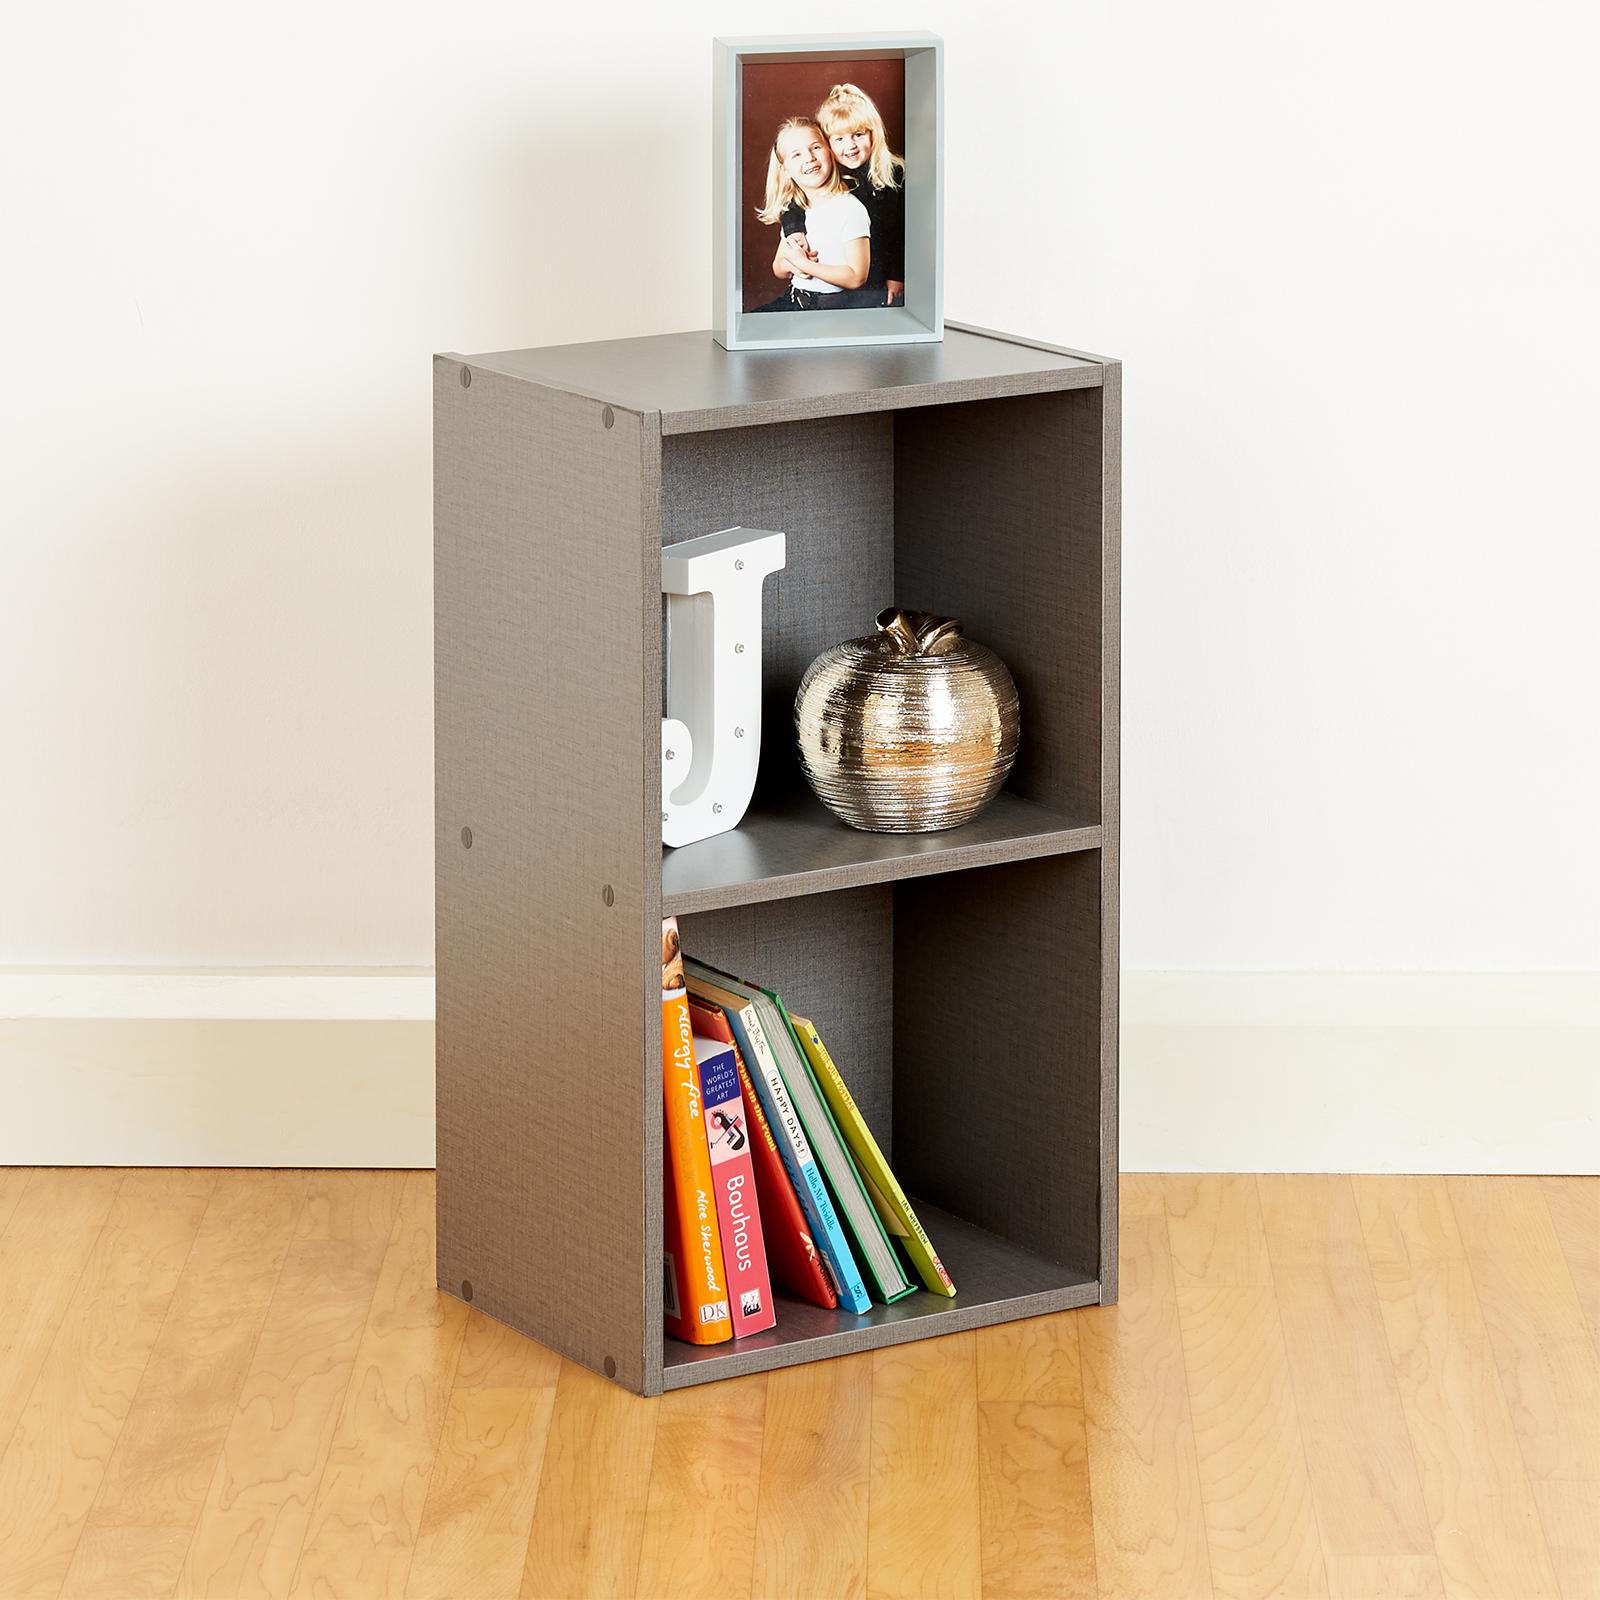 Top Home Solutions Libreria in legno a 4/ripiani portaoggetti a ripiani